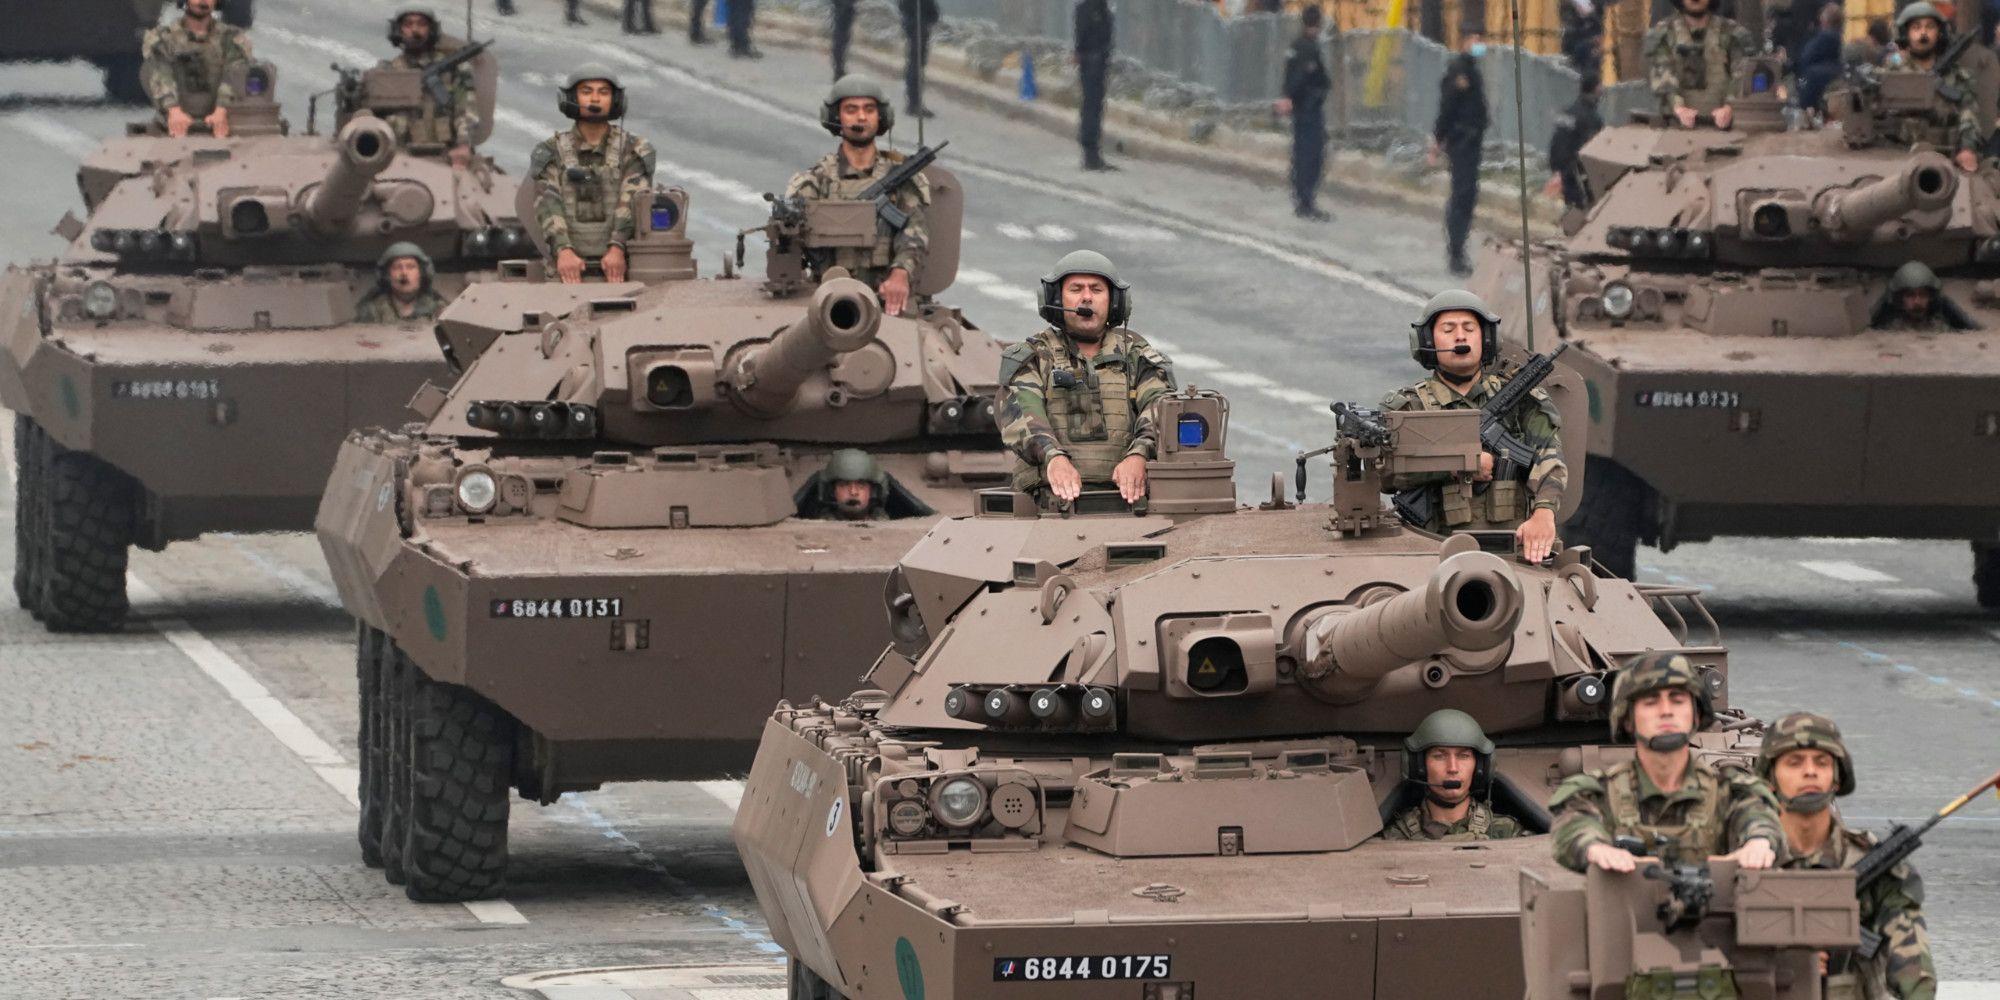 Des véhicules blindés descendent sur l'avenue des Champs-Élysées lors du défilé militaire